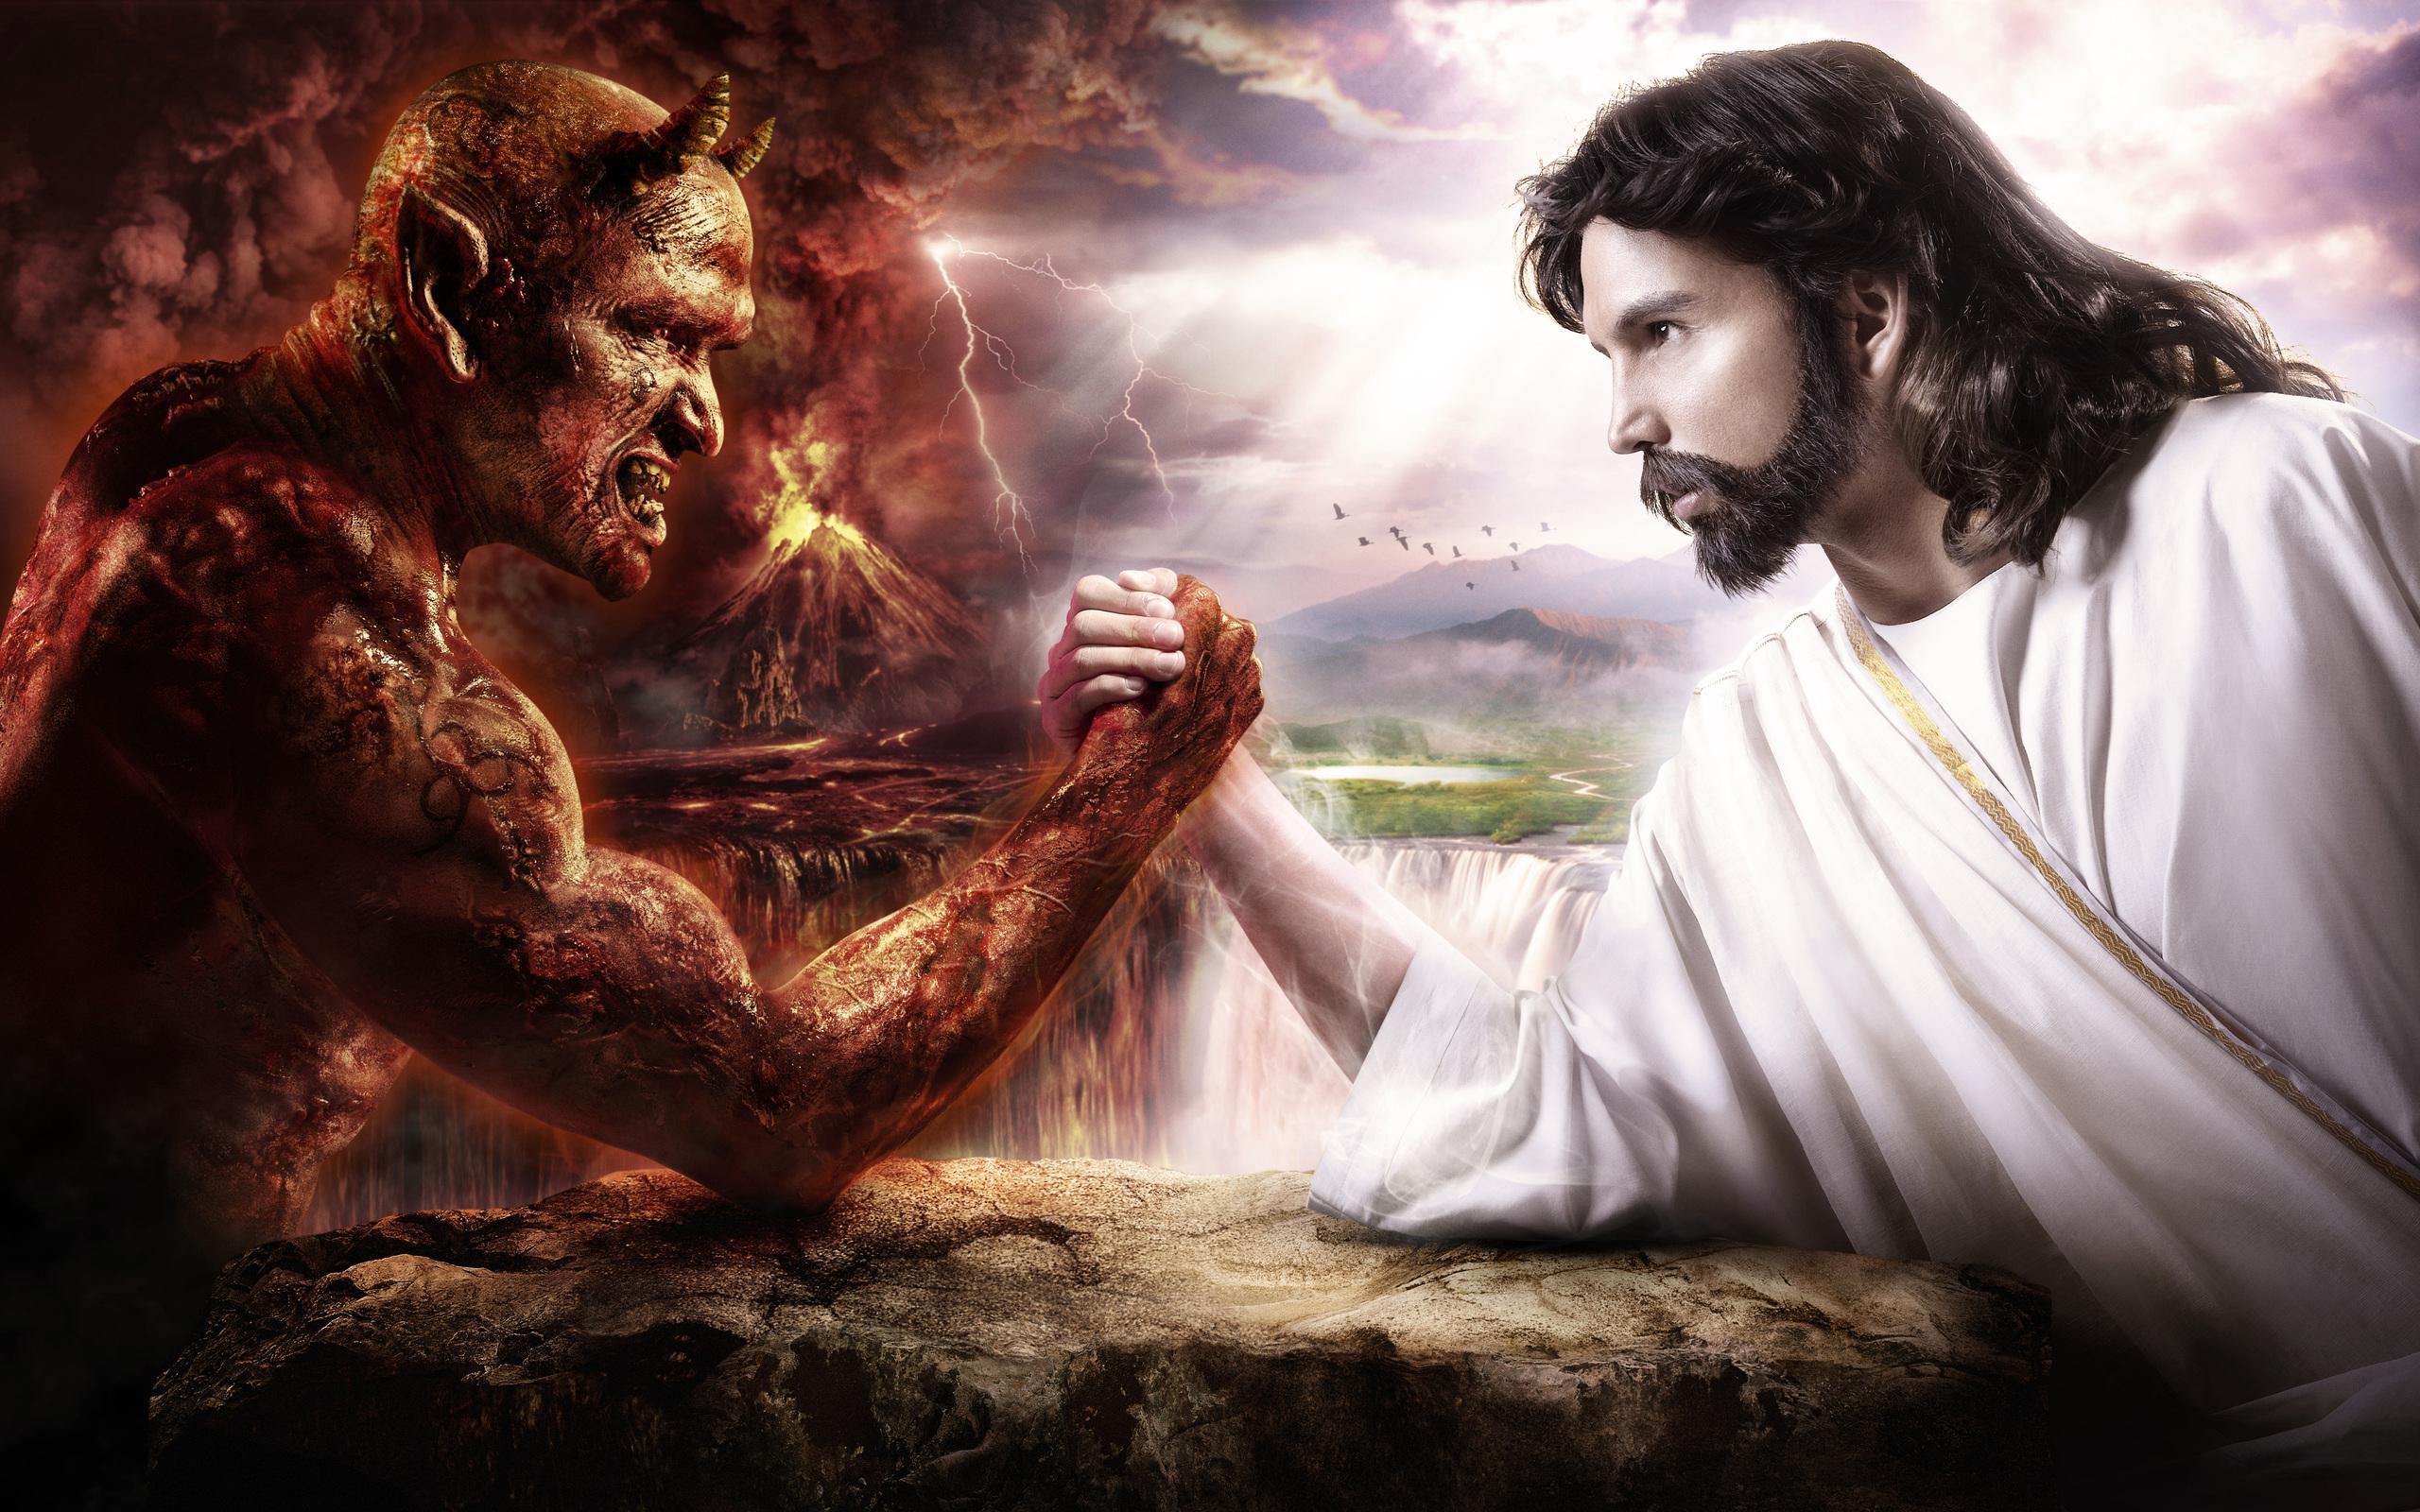 Бог и сатана играют в карты казино в 11 друзей оушена